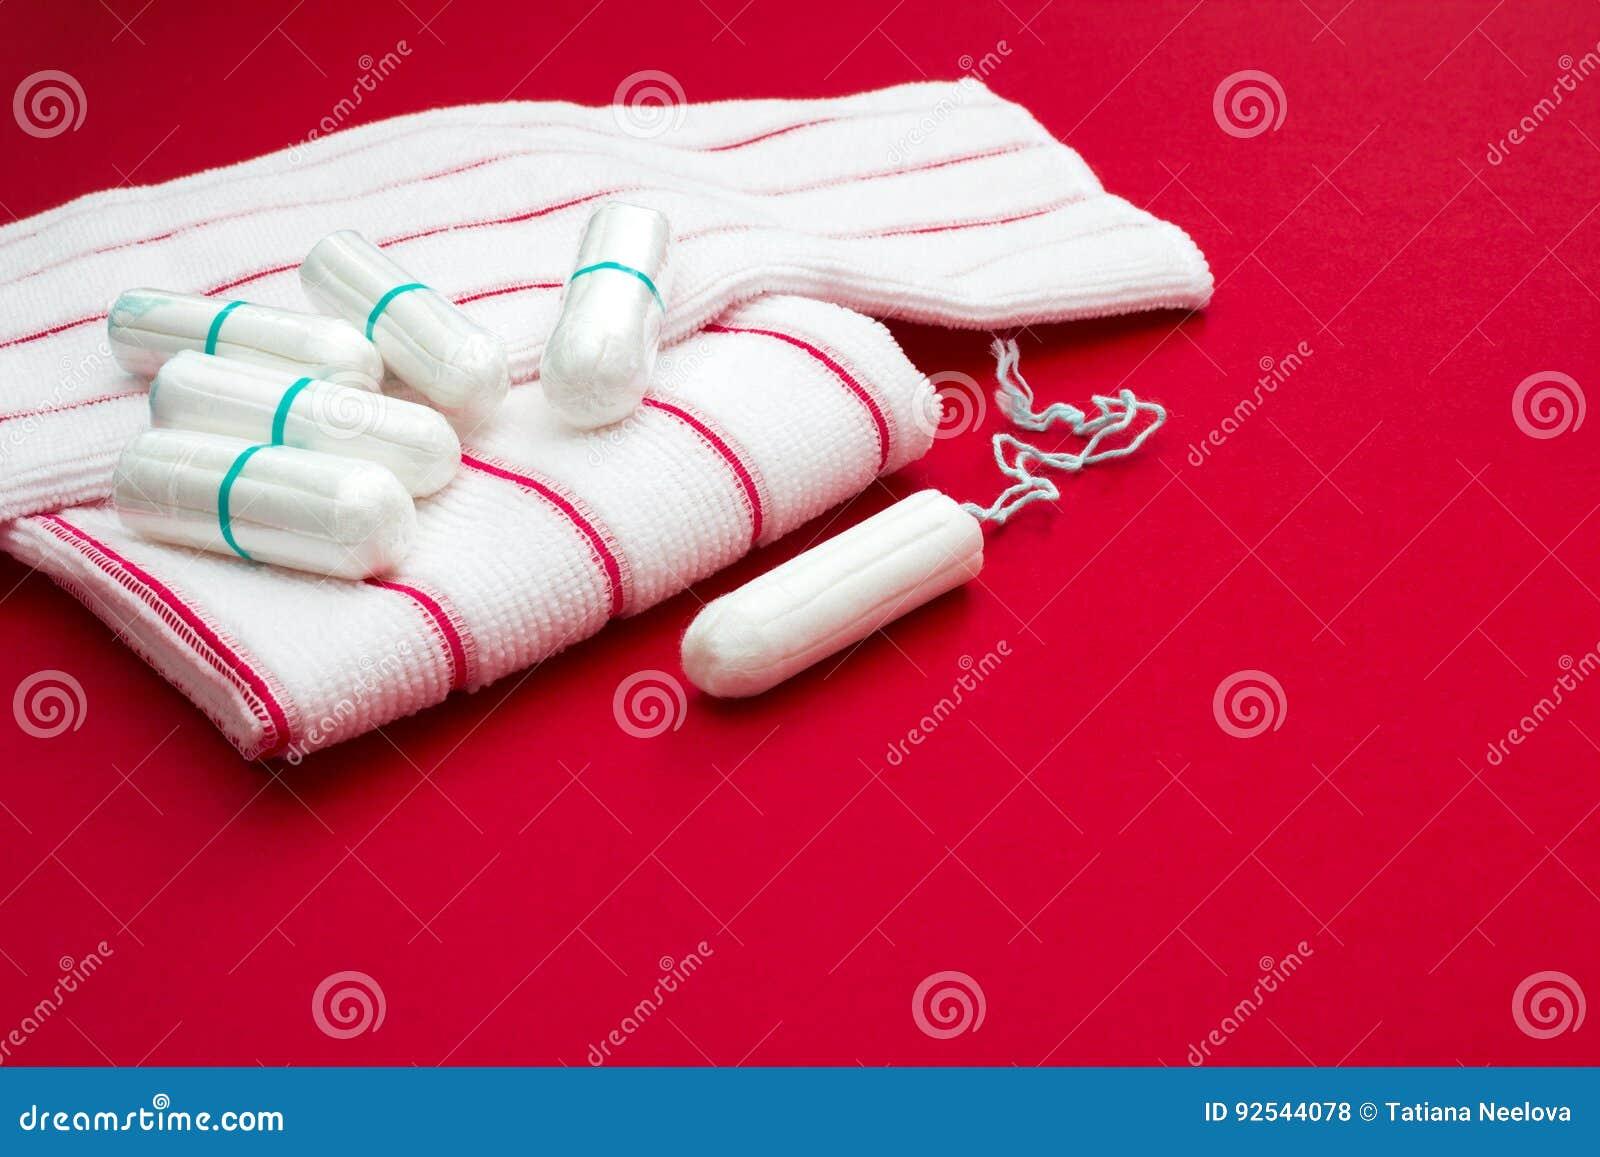 Κρίσιμες ημέρες γυναικών, γυναικολογικός κύκλος εμμηνόρροιας, περίοδος αίματος Κόκκινες πετσέτες λουτρών του Terry και υγειονομικ